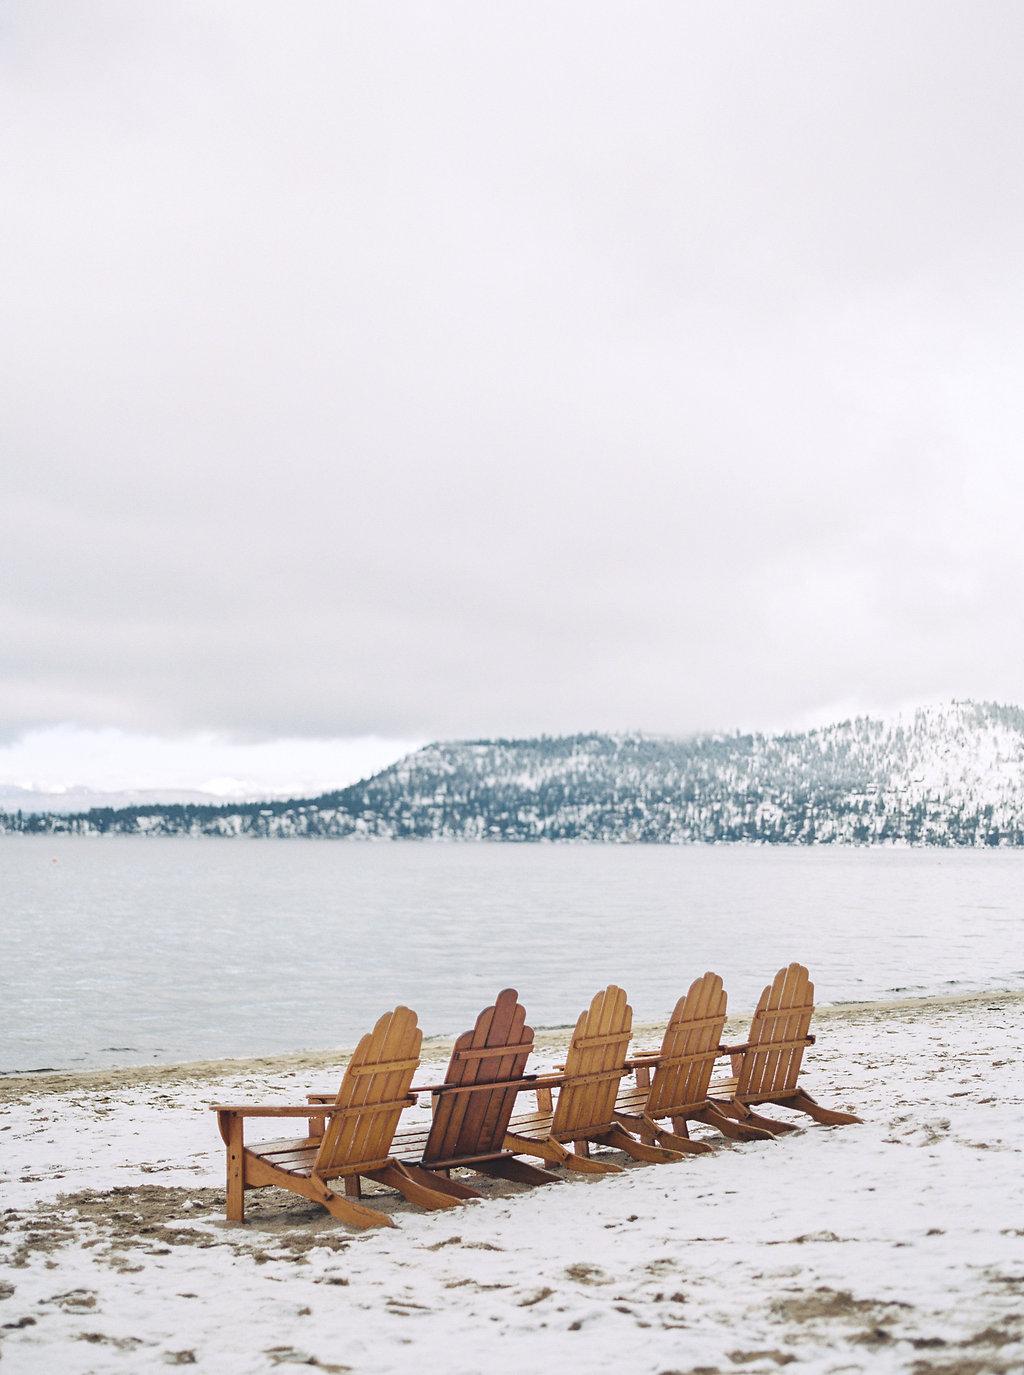 Tahoe2016_026.jpg